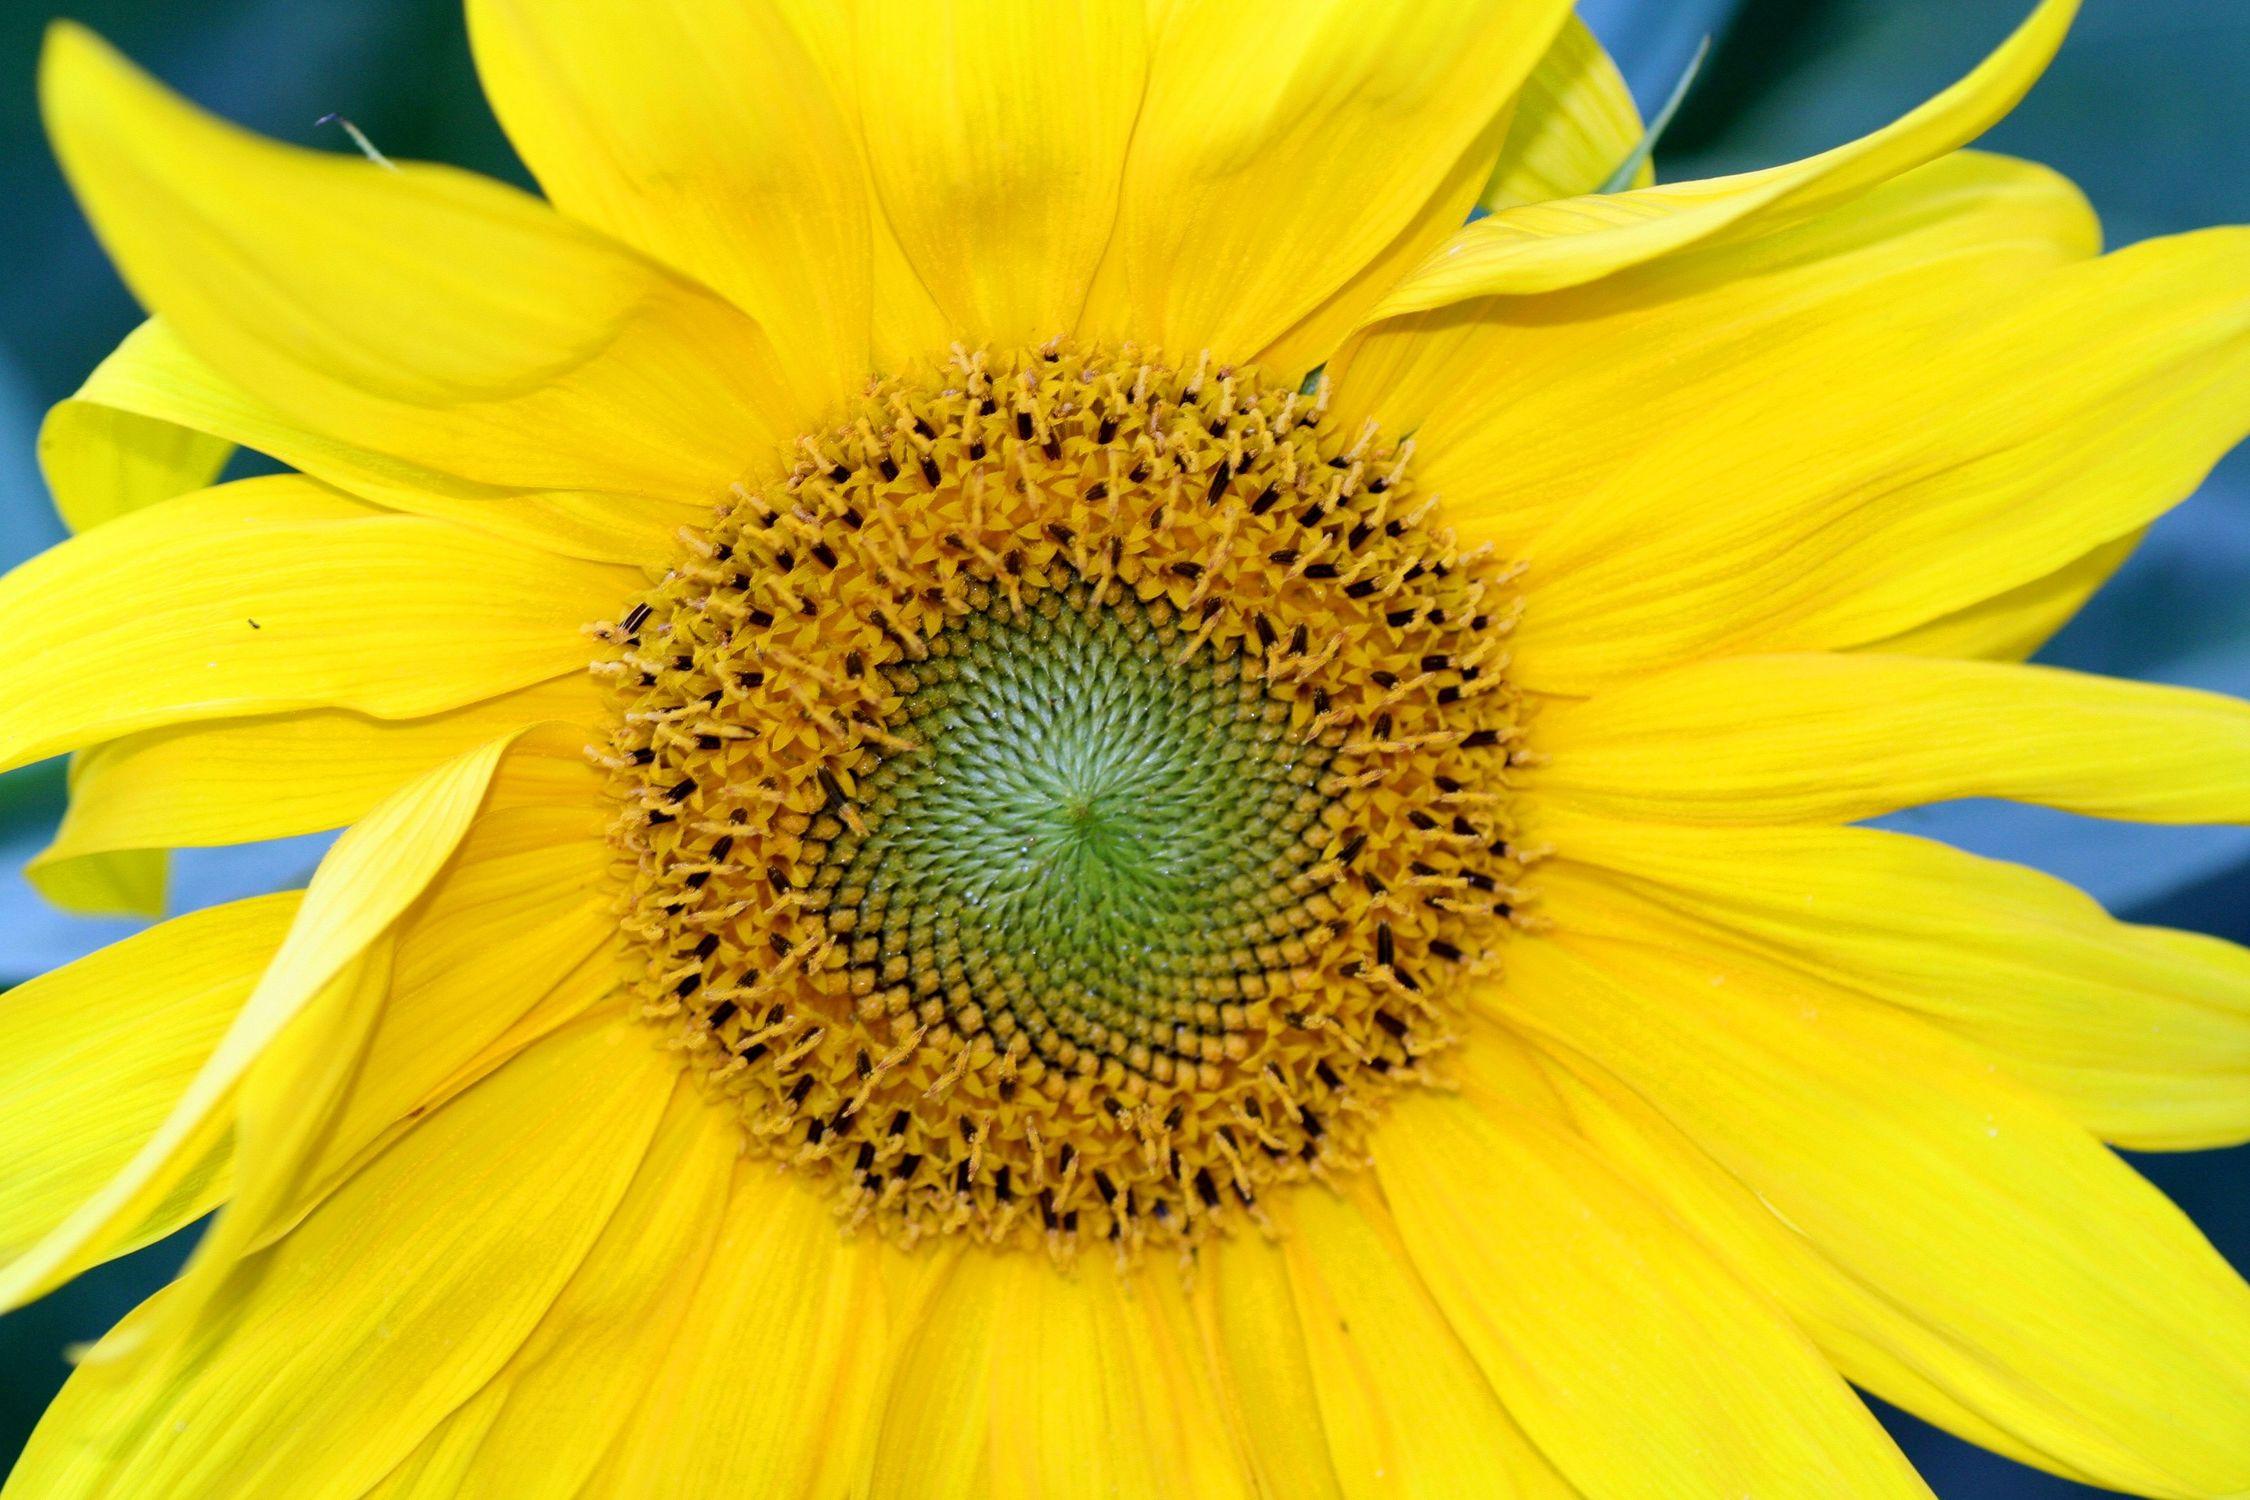 Bild mit Gelb, Gegenstände, Natur, Pflanzen, Lebensmittel, Essen, Blumen, Korbblütler, Sonnenblumen, Blume, Flower, Flowers, Sonnenblume, Sunflower, Sunflowers